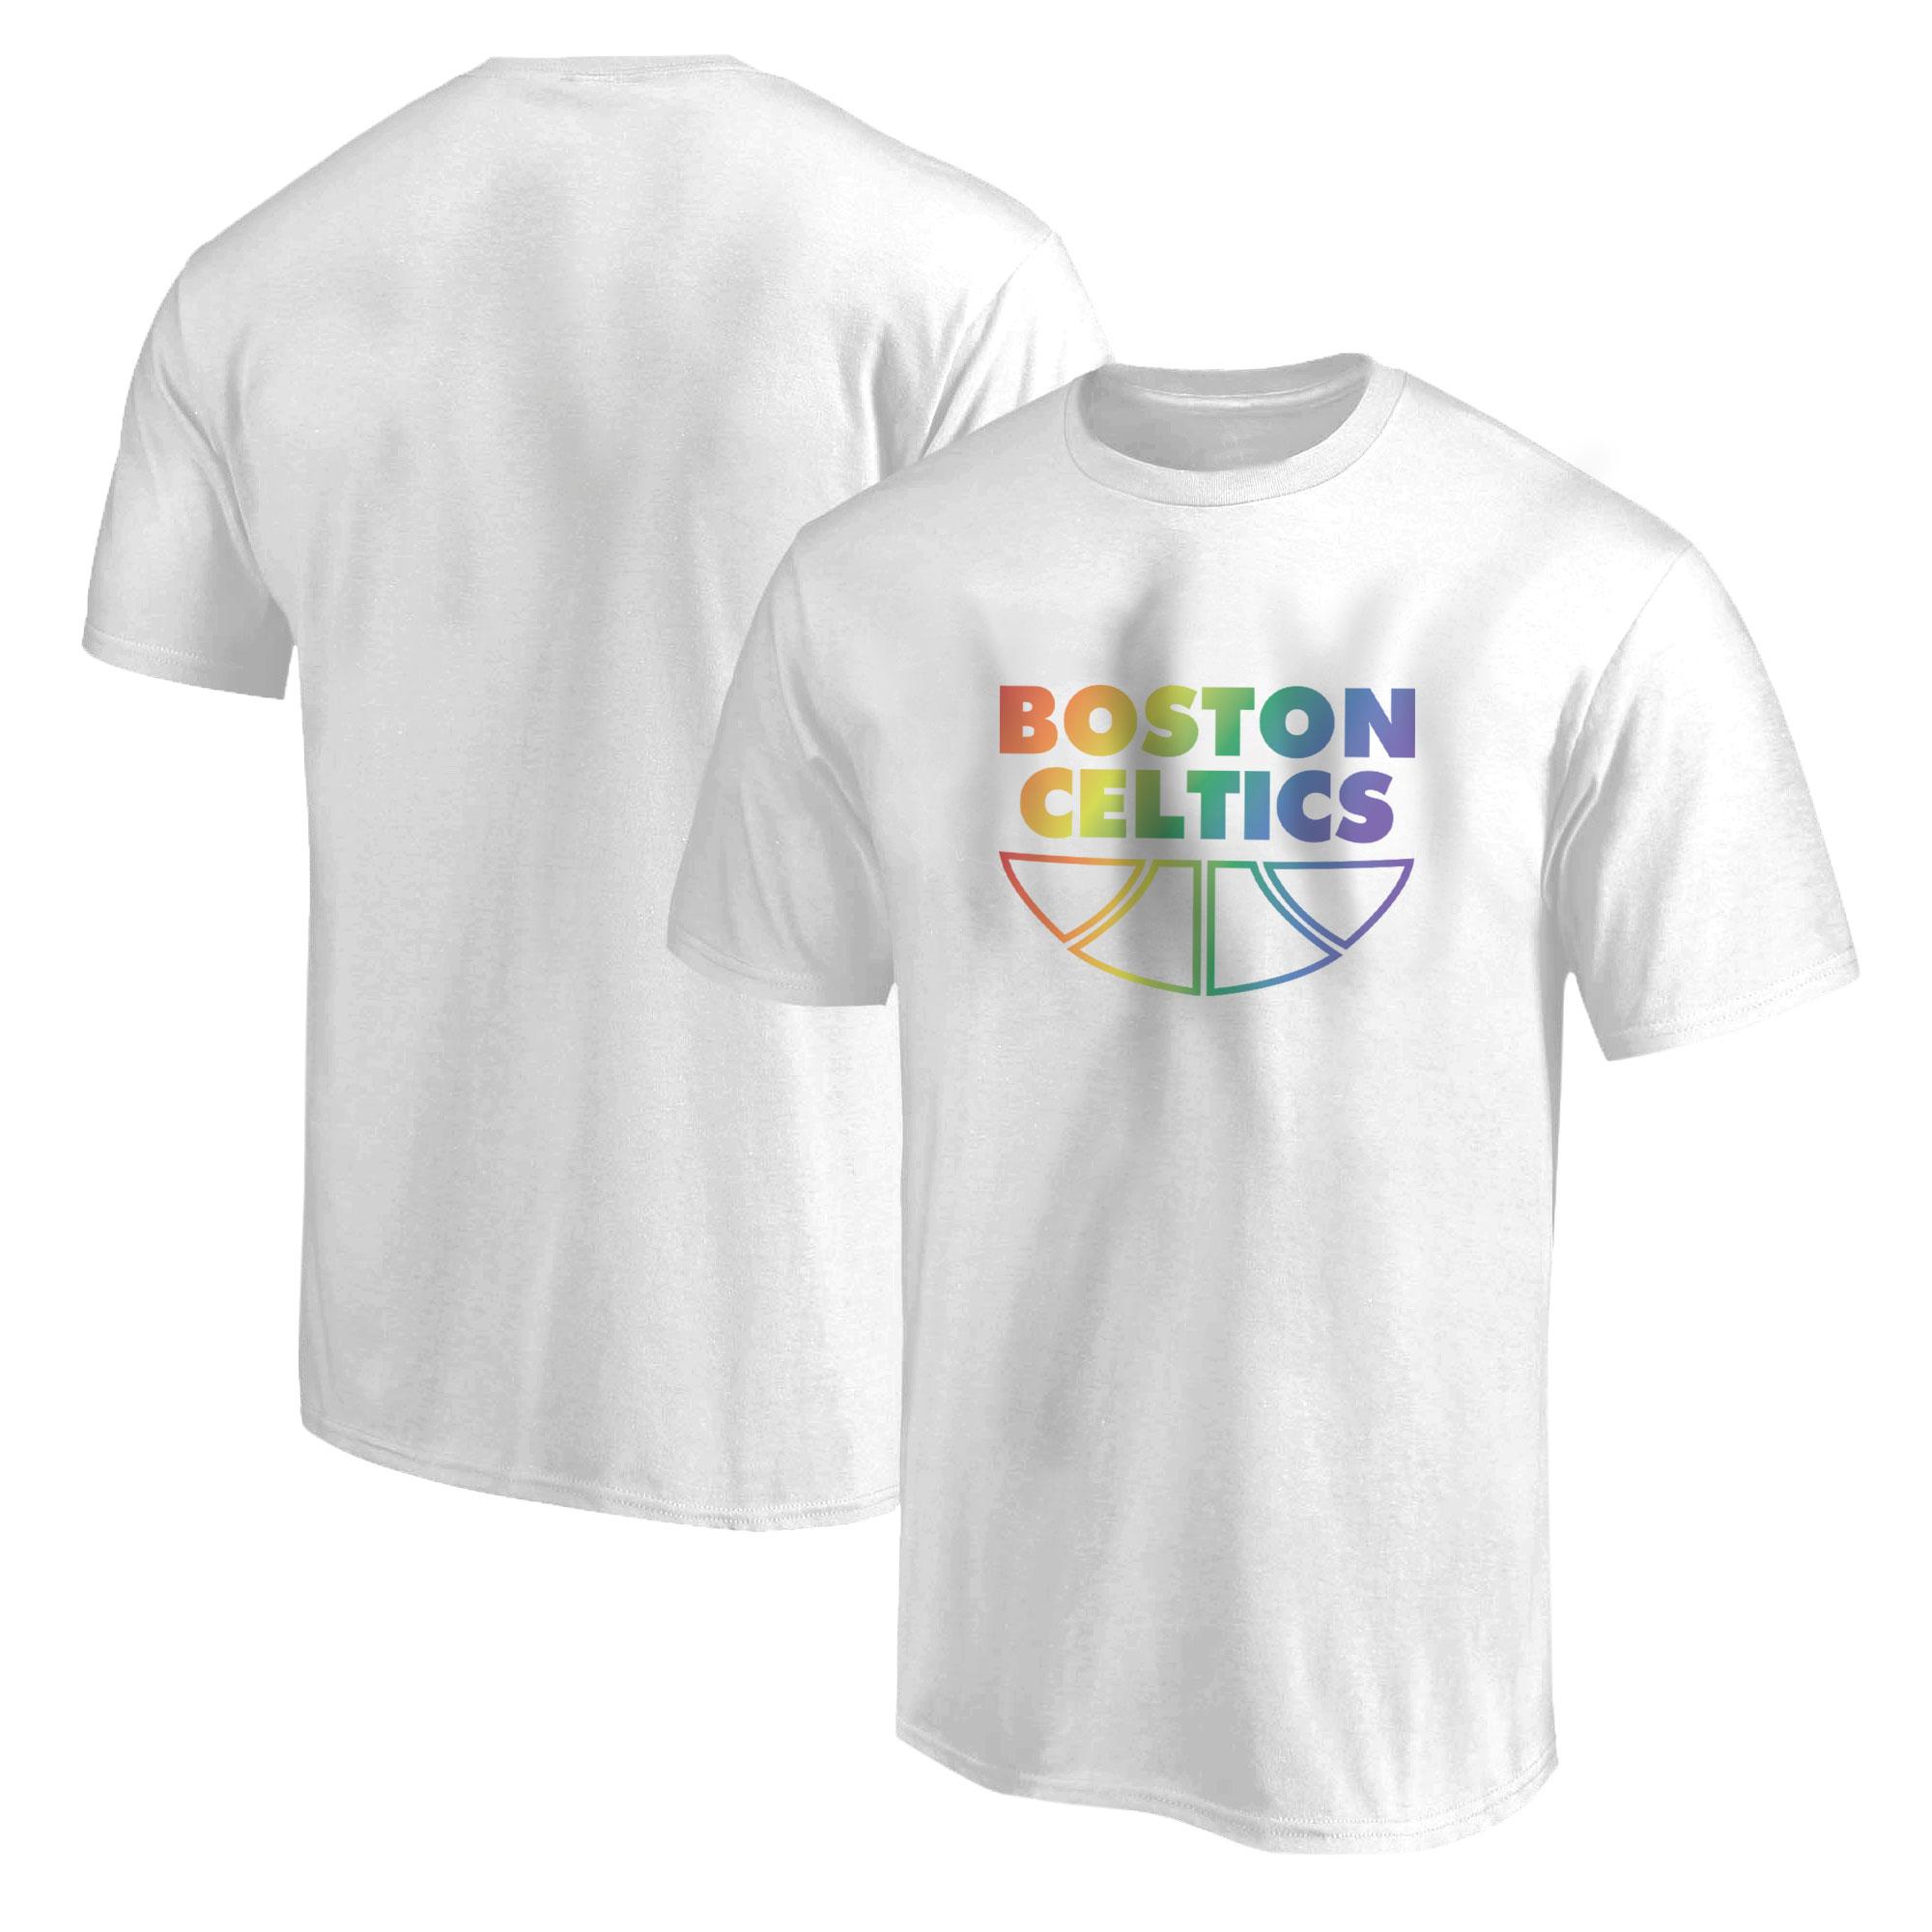 Boston Celtics Tshirt (TSH-WHT-503-NBA-CEL)